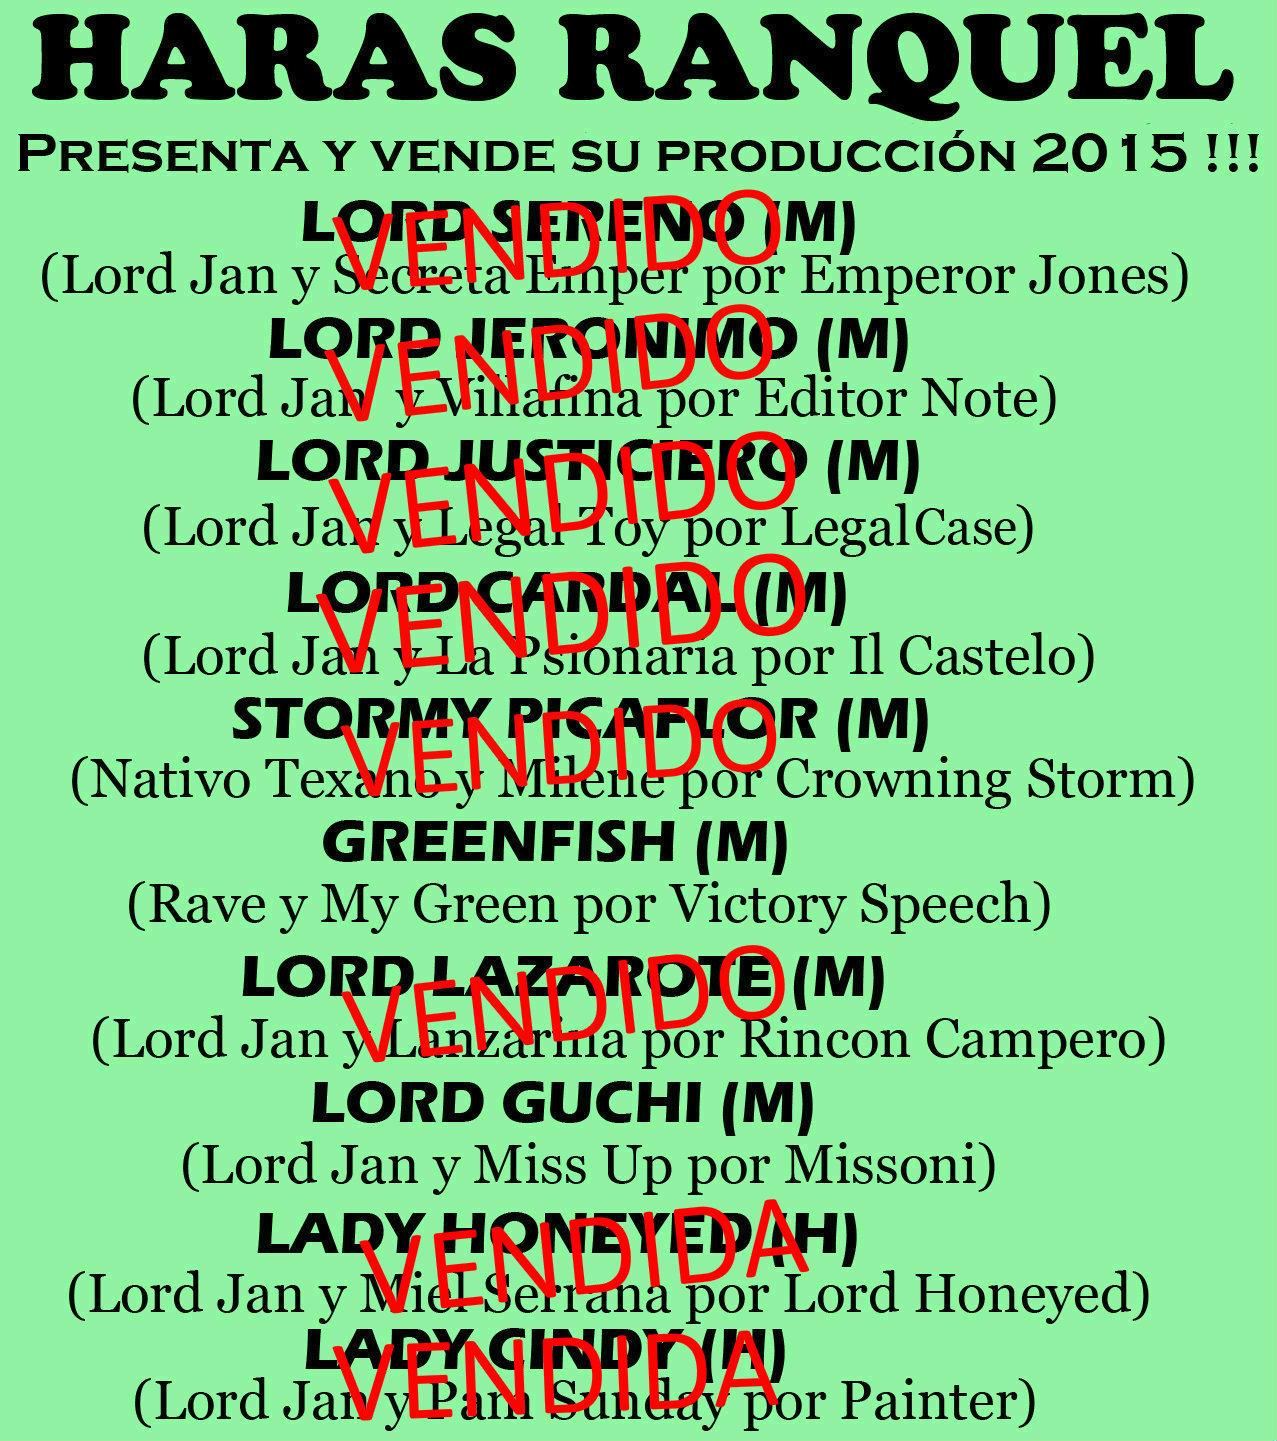 HS RANQUEL PRODUCTOS 2015 1